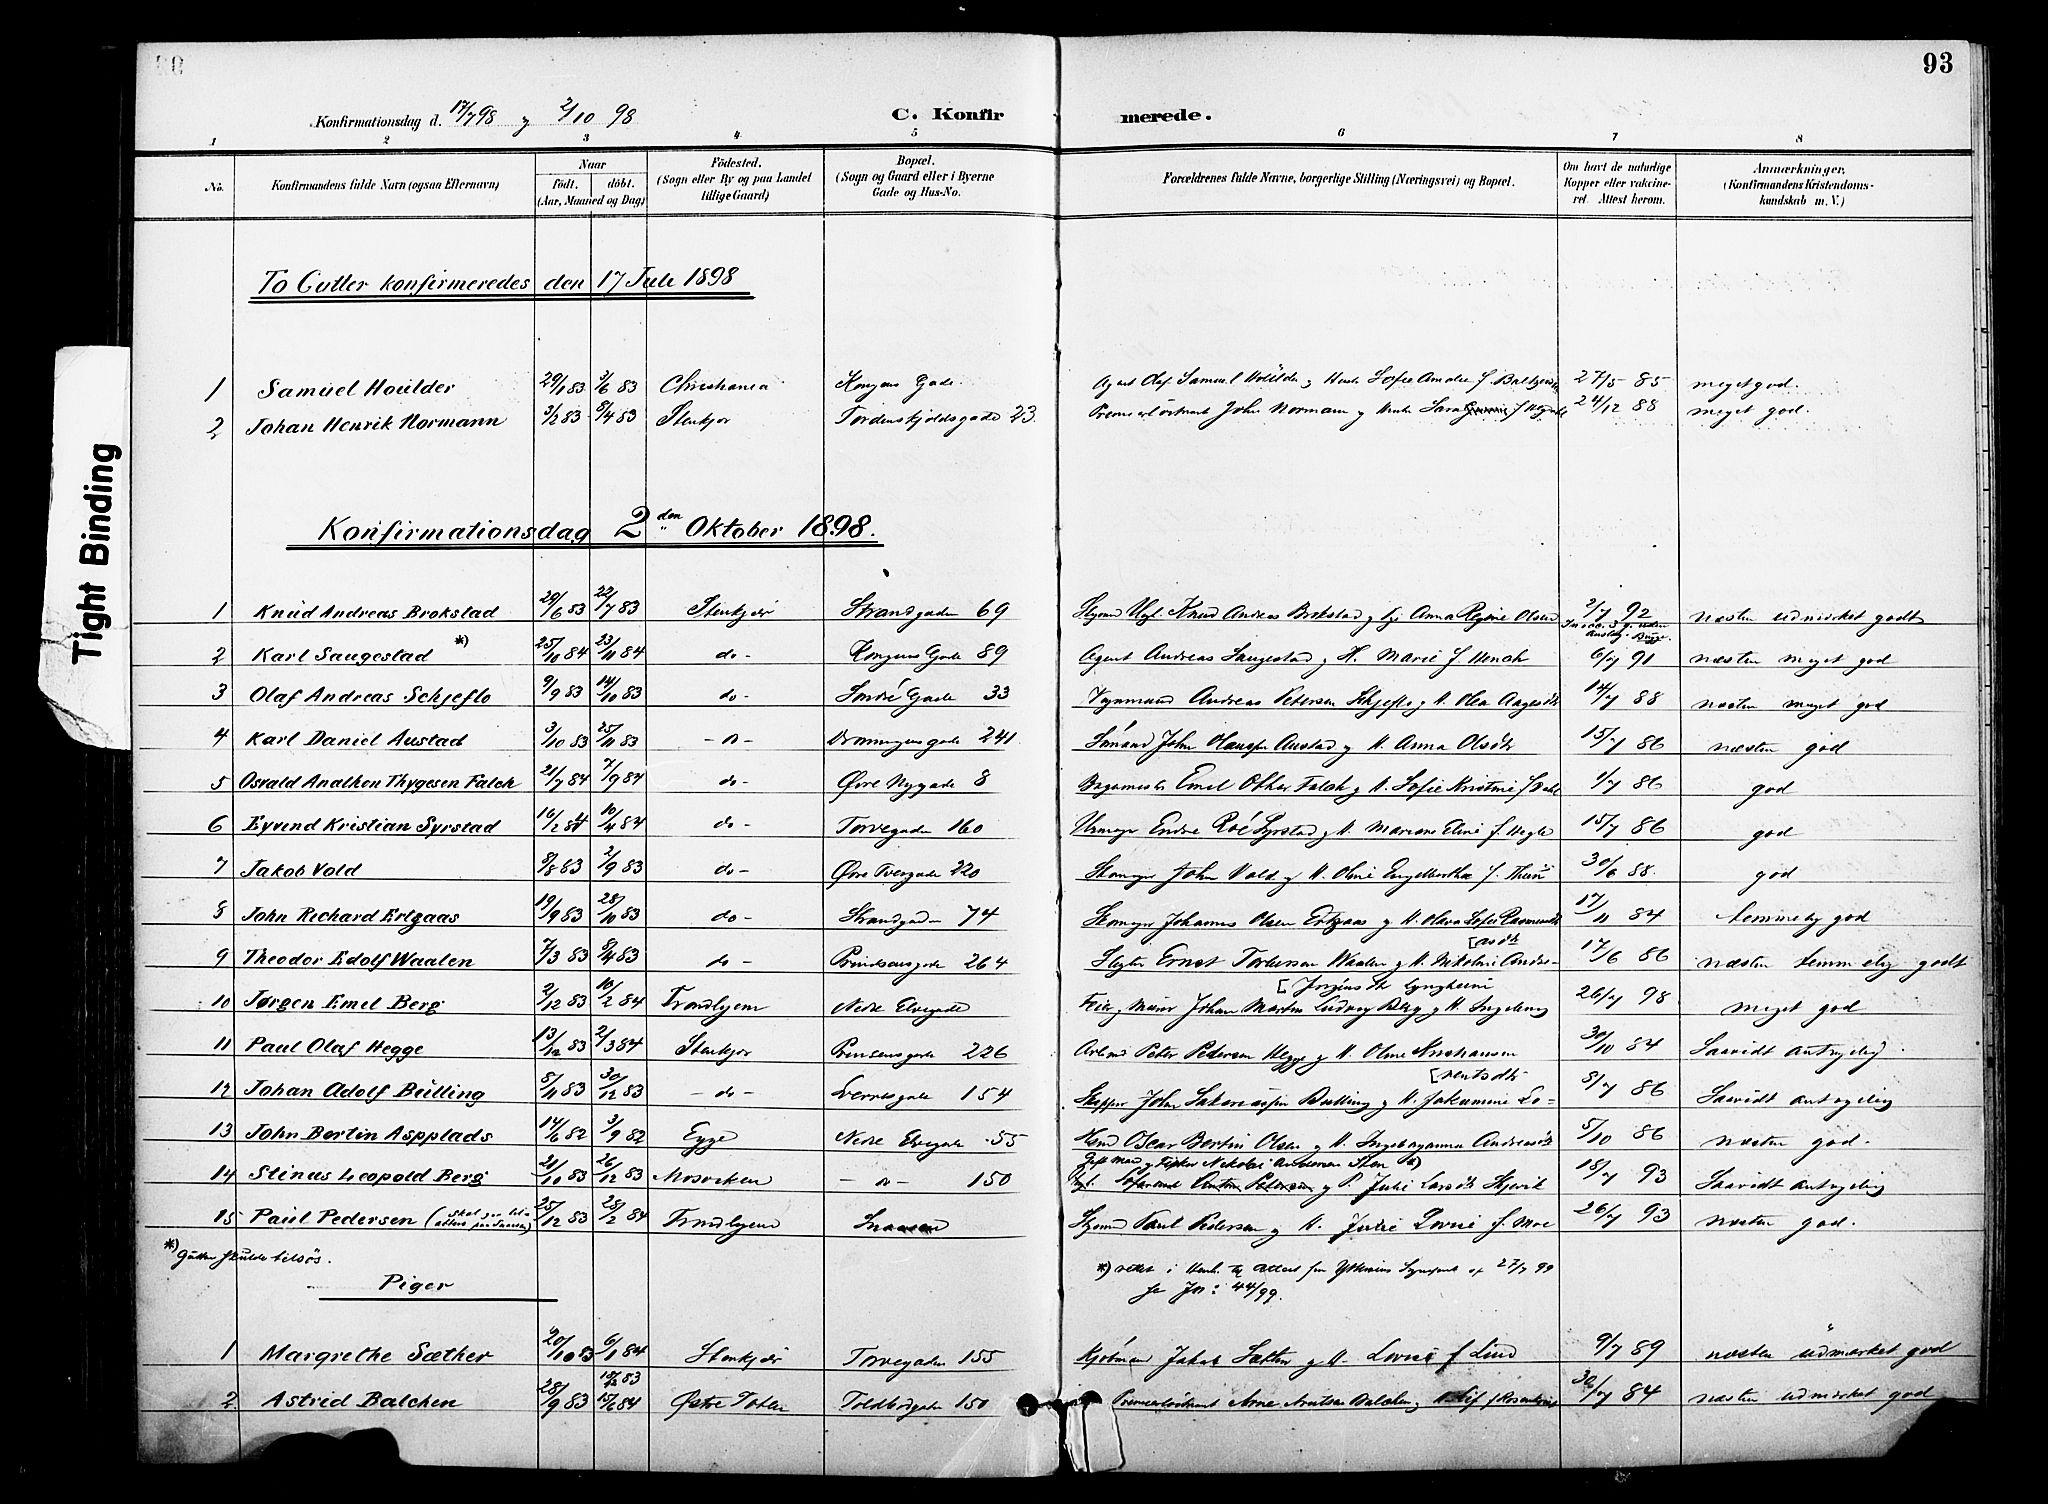 SAT, Ministerialprotokoller, klokkerbøker og fødselsregistre - Nord-Trøndelag, 739/L0372: Ministerialbok nr. 739A04, 1895-1903, s. 93